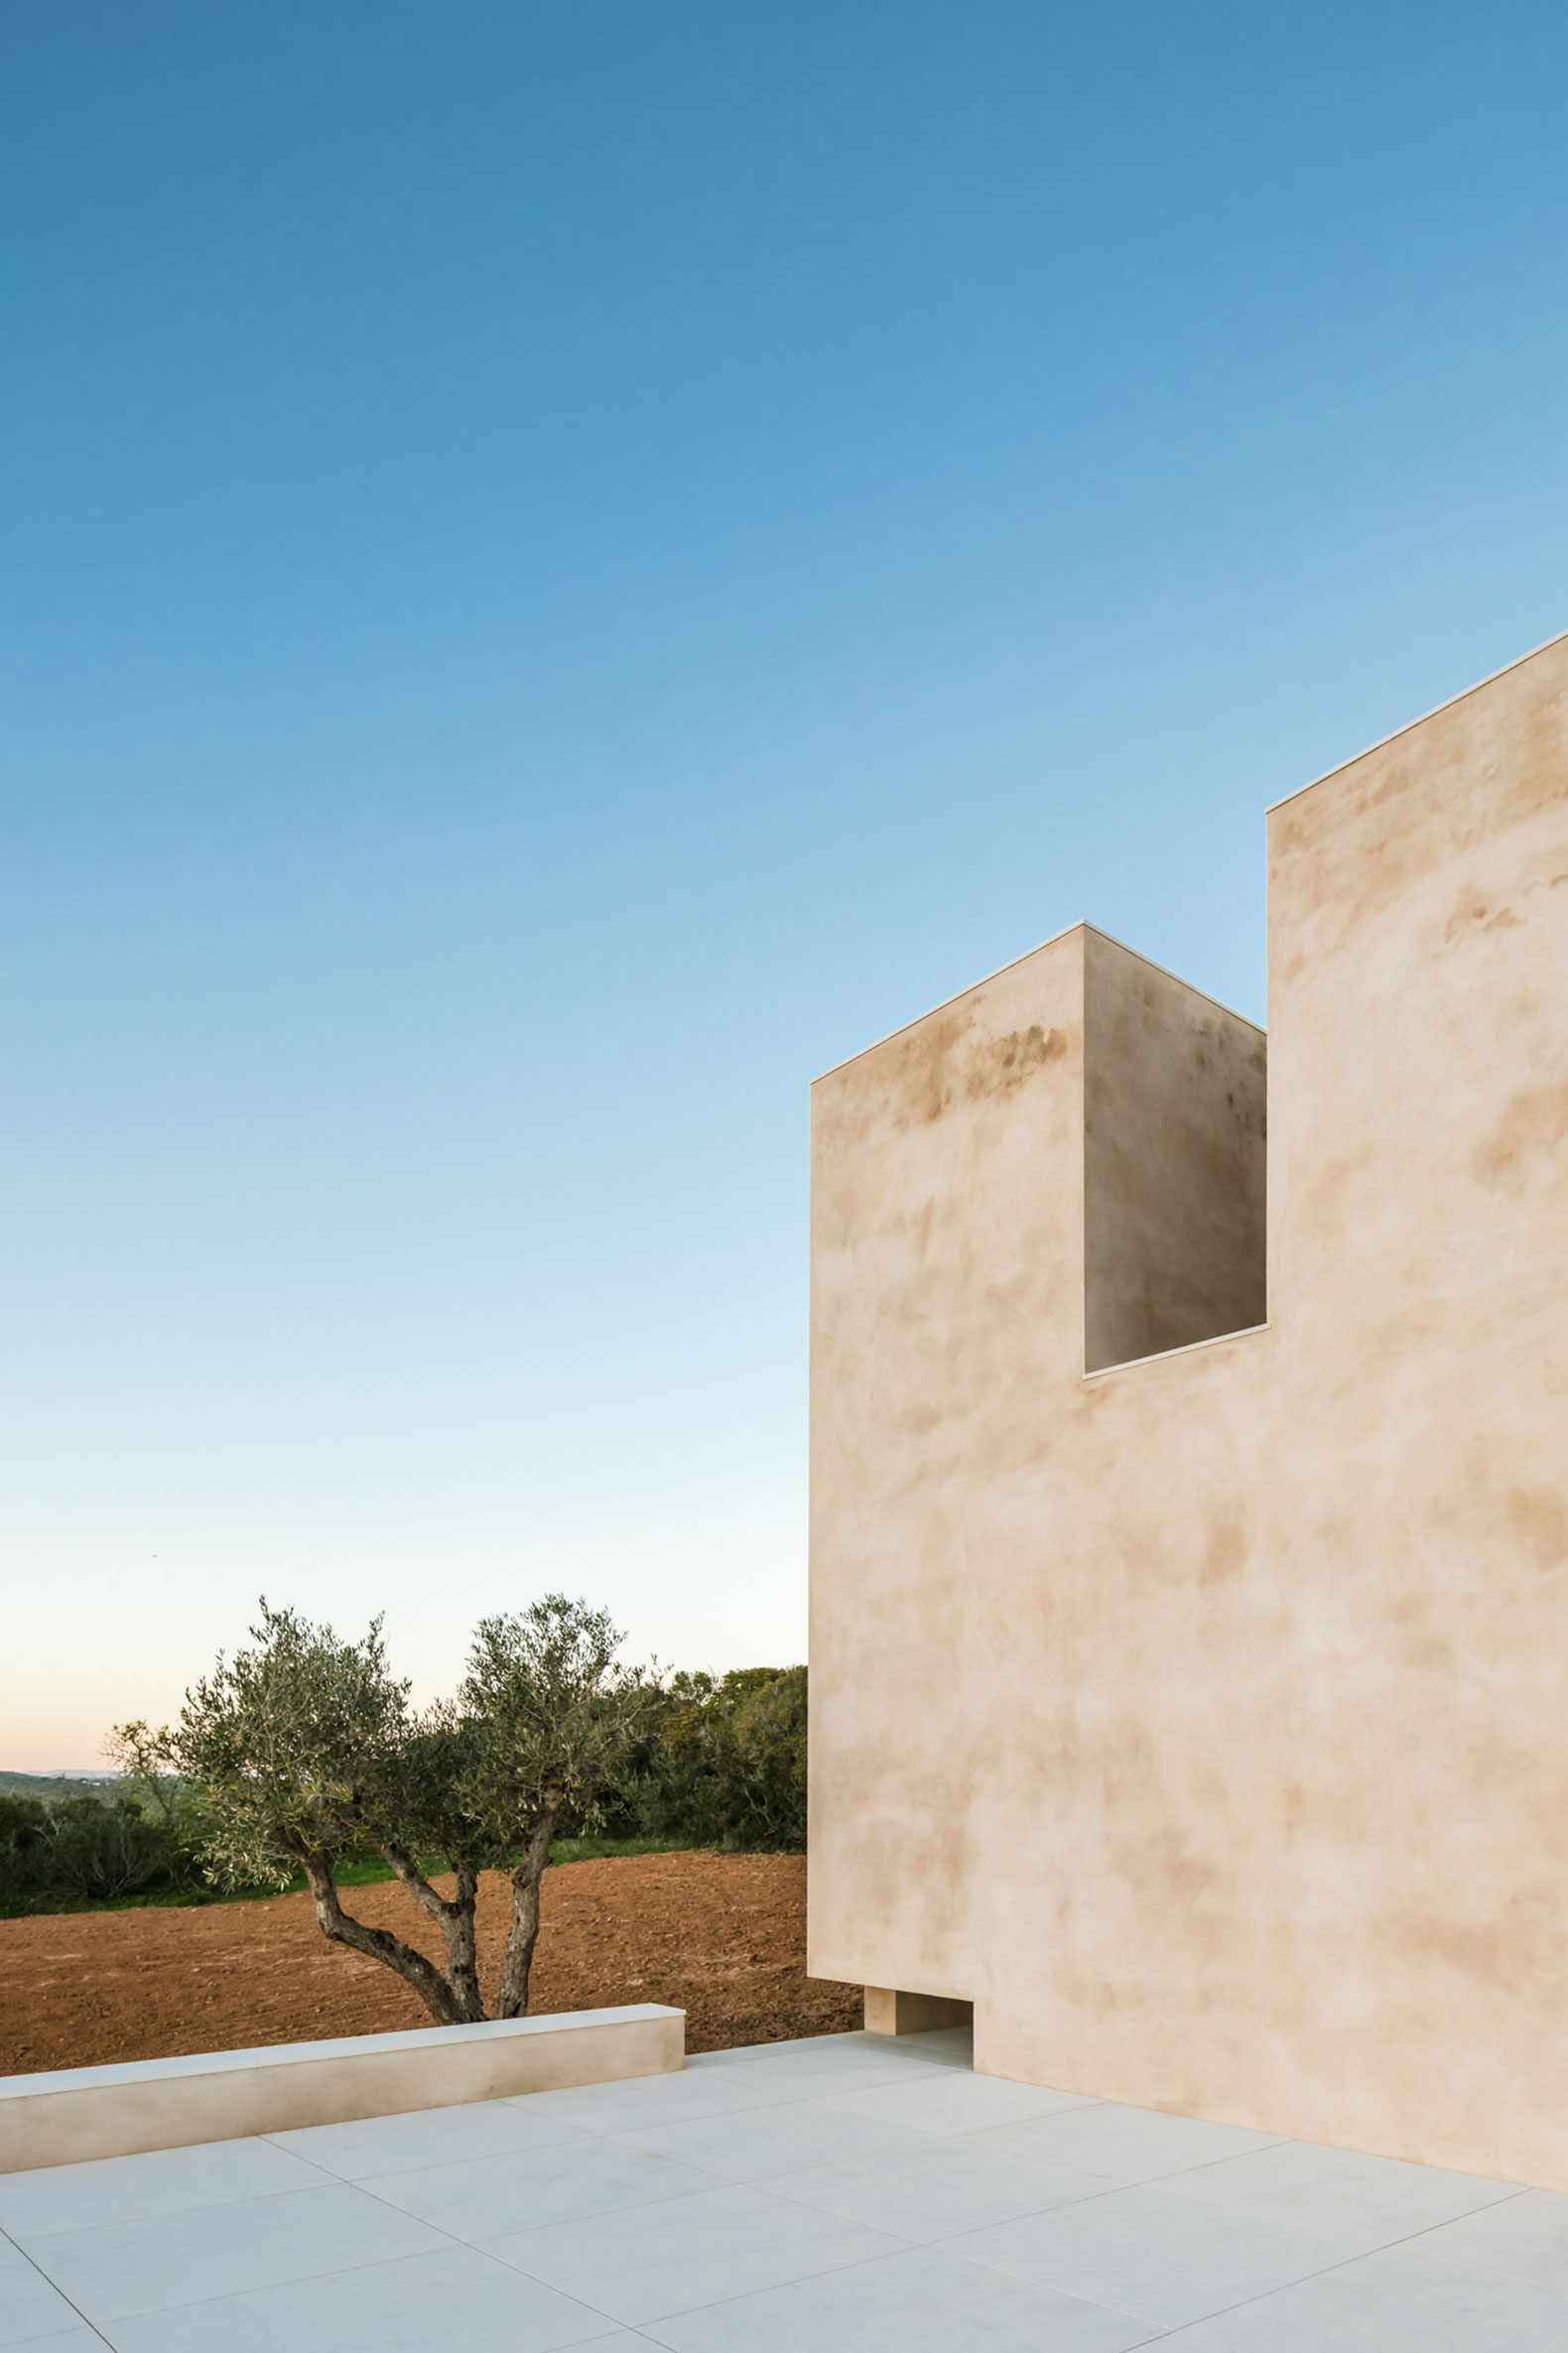 O que visitar no Algarve - Capela no Algarve